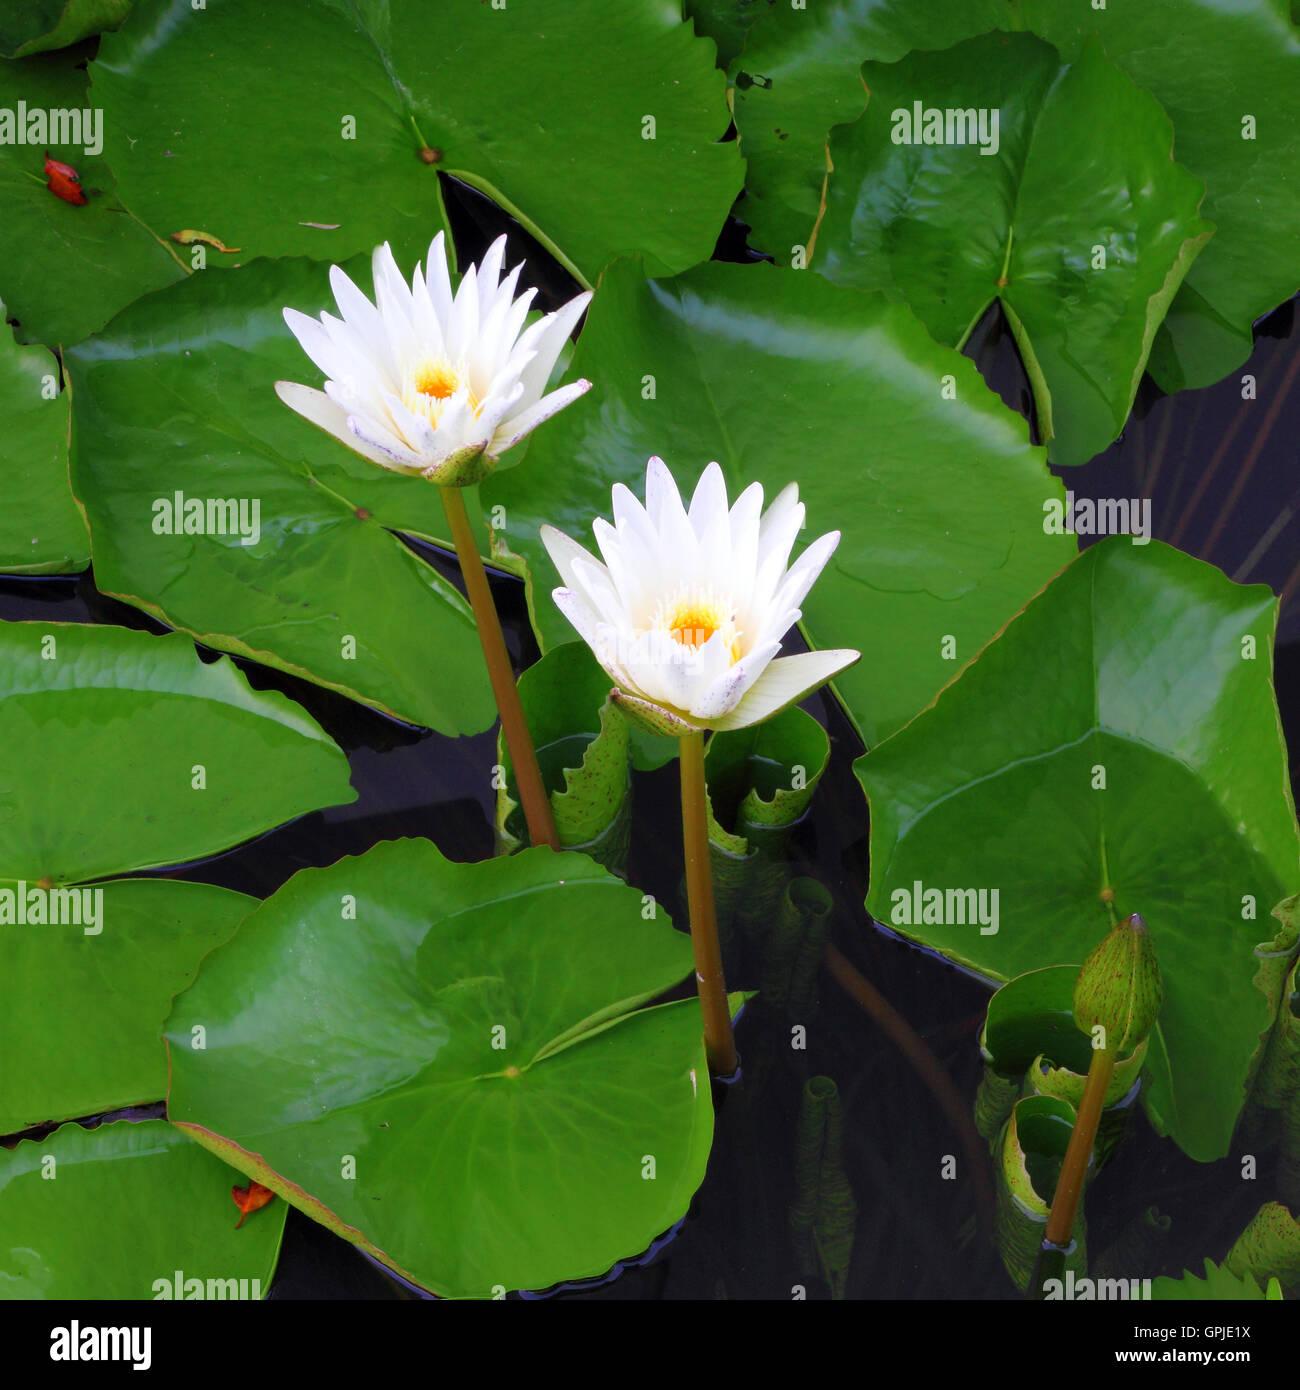 Two white lotus flower stock photo 117190806 alamy two white lotus flower izmirmasajfo